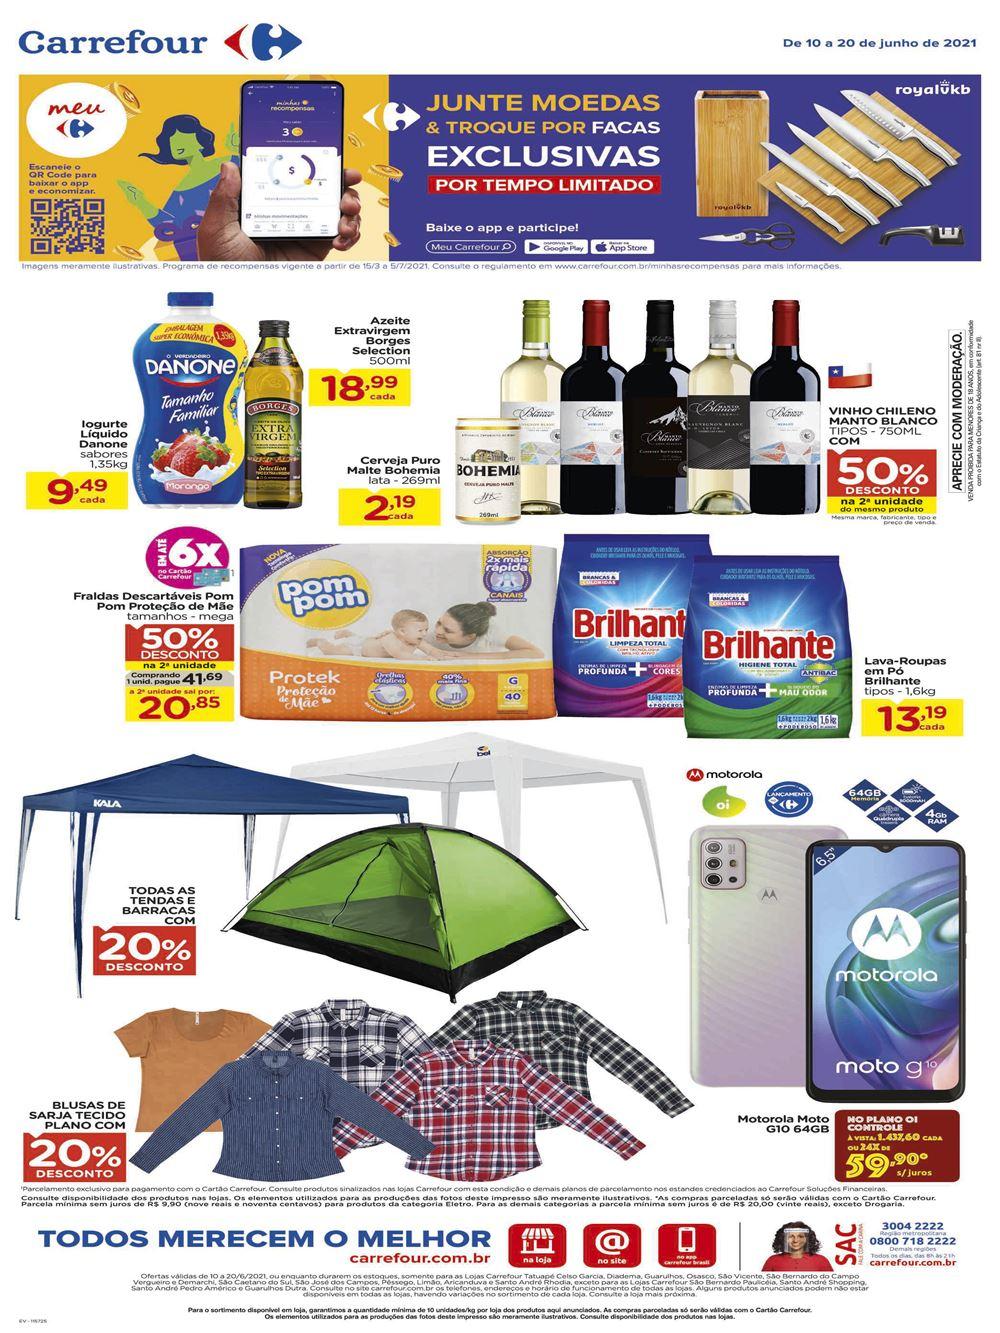 carrefour-ofertas-descontos-hoje1-14 Folheto Meu Carrefour com mais de 100 ofertas até 20 de Junho: confira